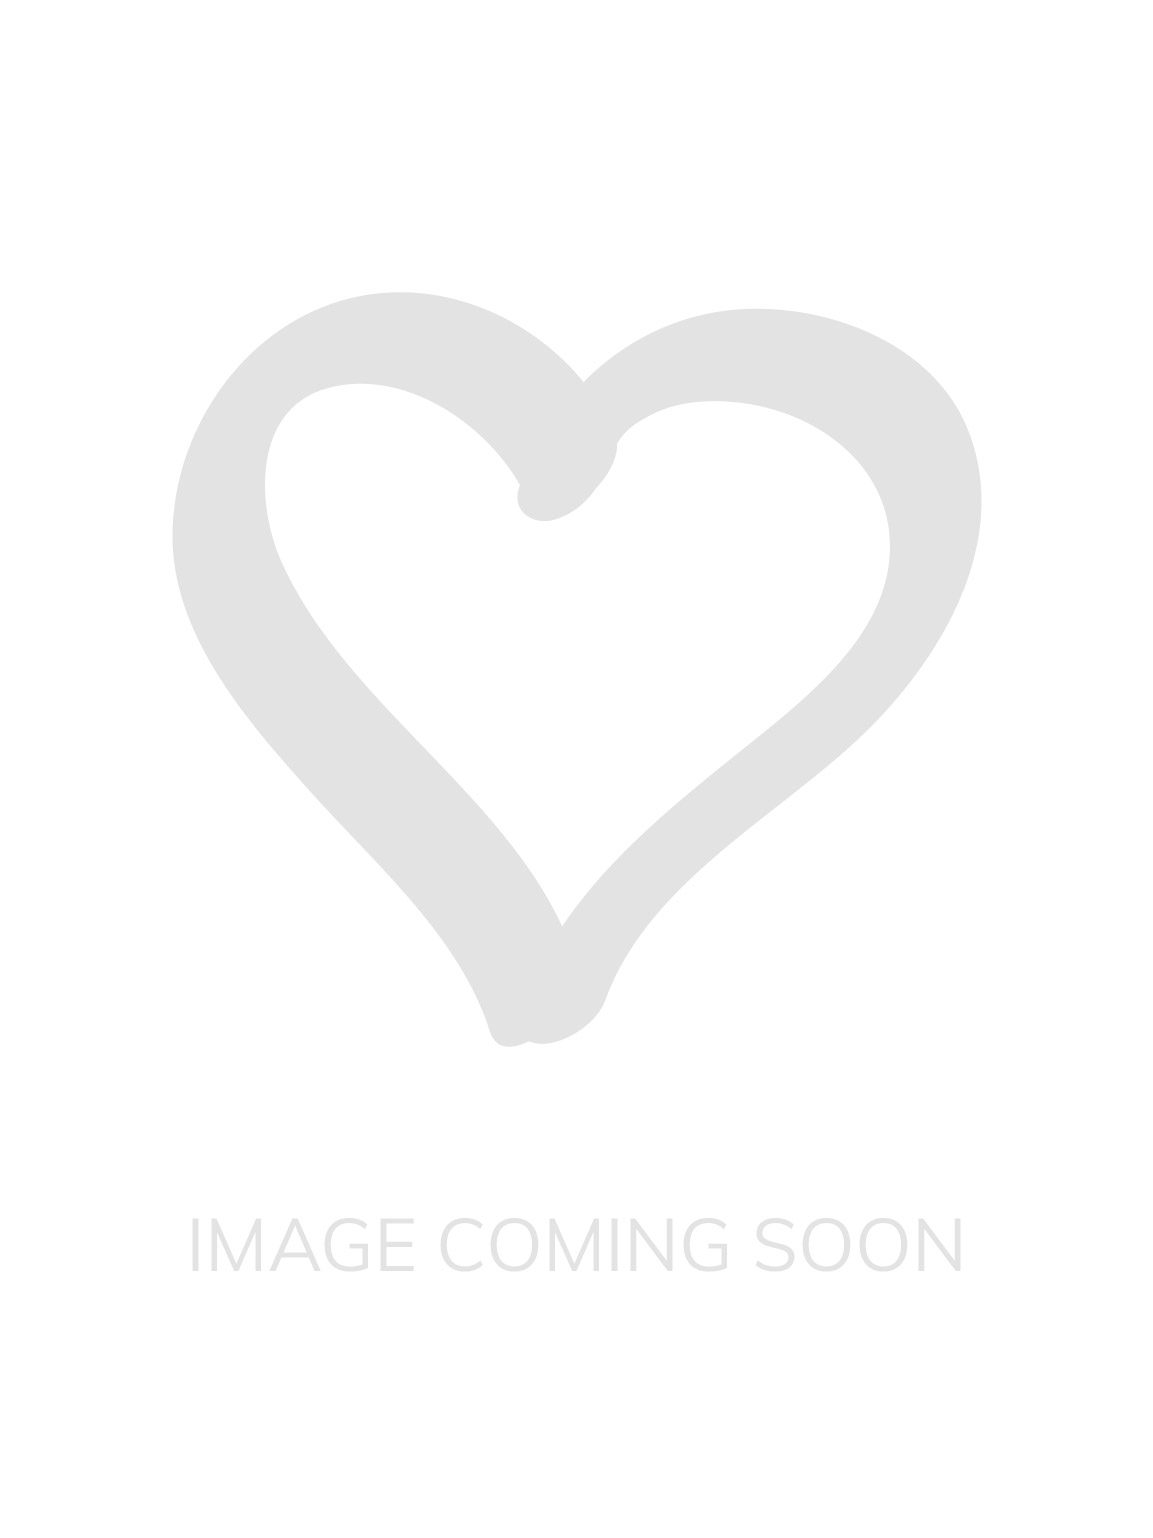 8d1cd25ee7f40 Sardinia Full Cup Bikini Top - Multi